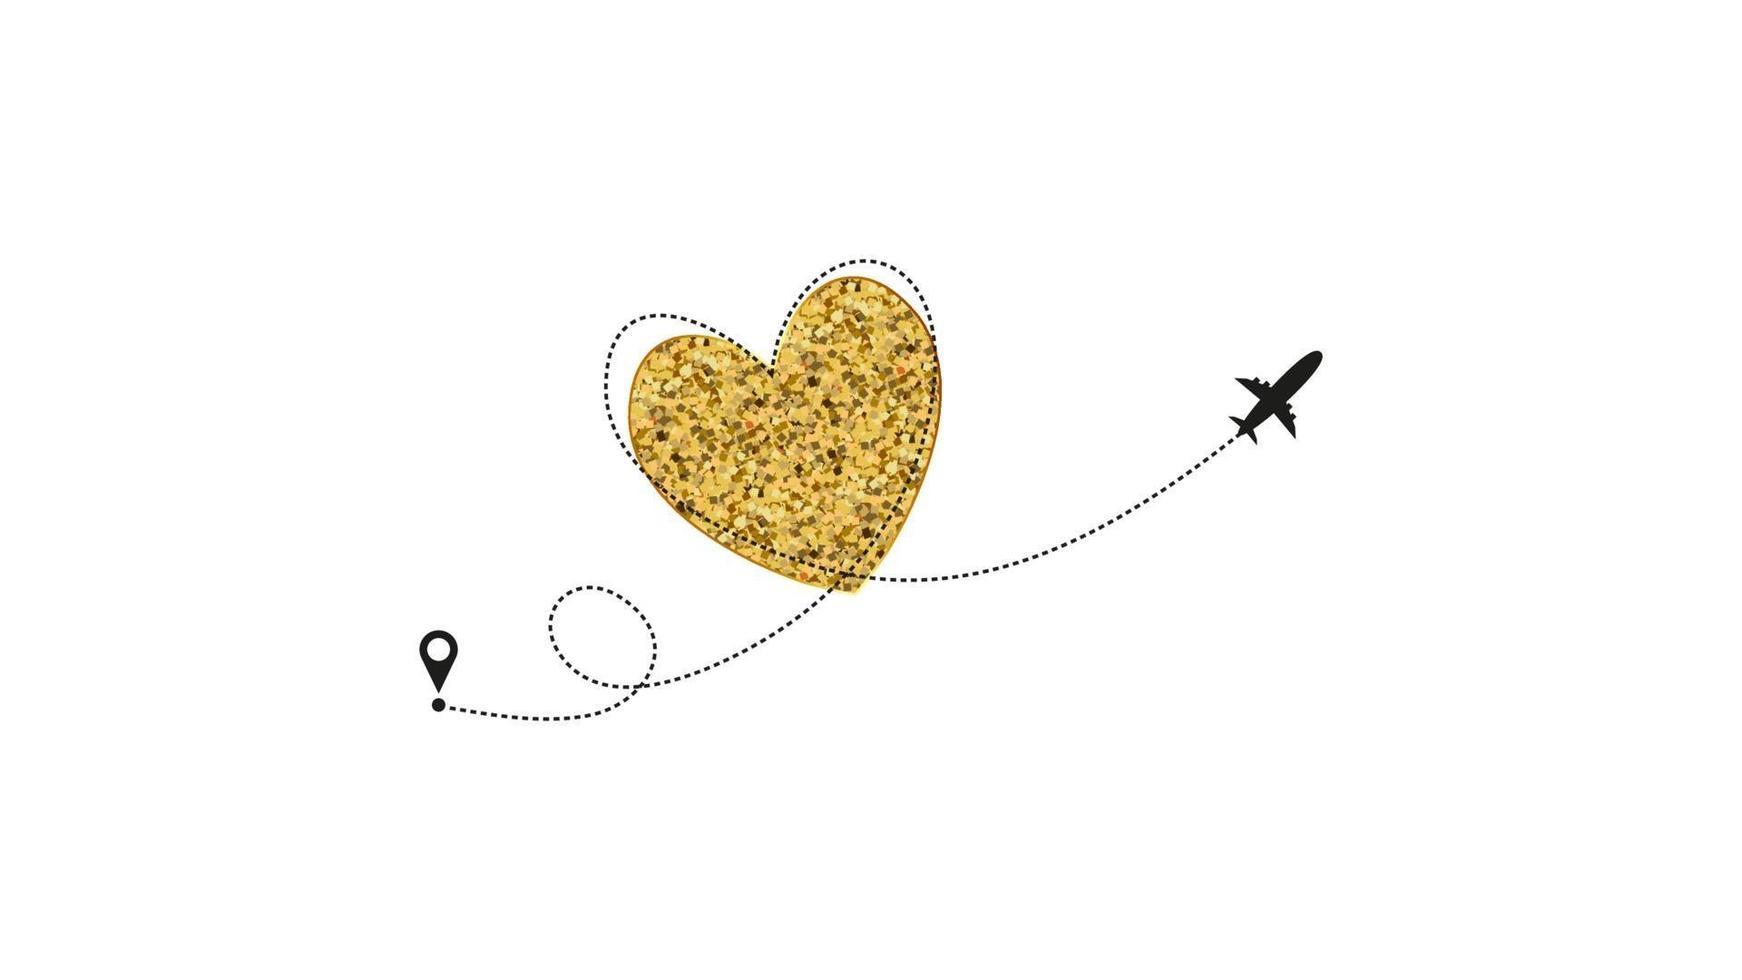 hou van vliegtuigroute. gouden hart stippellijn trace en vliegtuigroutes geïsoleerd op een witte achtergrond. romantische huwelijksreis, huwelijksreis. hearted plane path drawing. vector